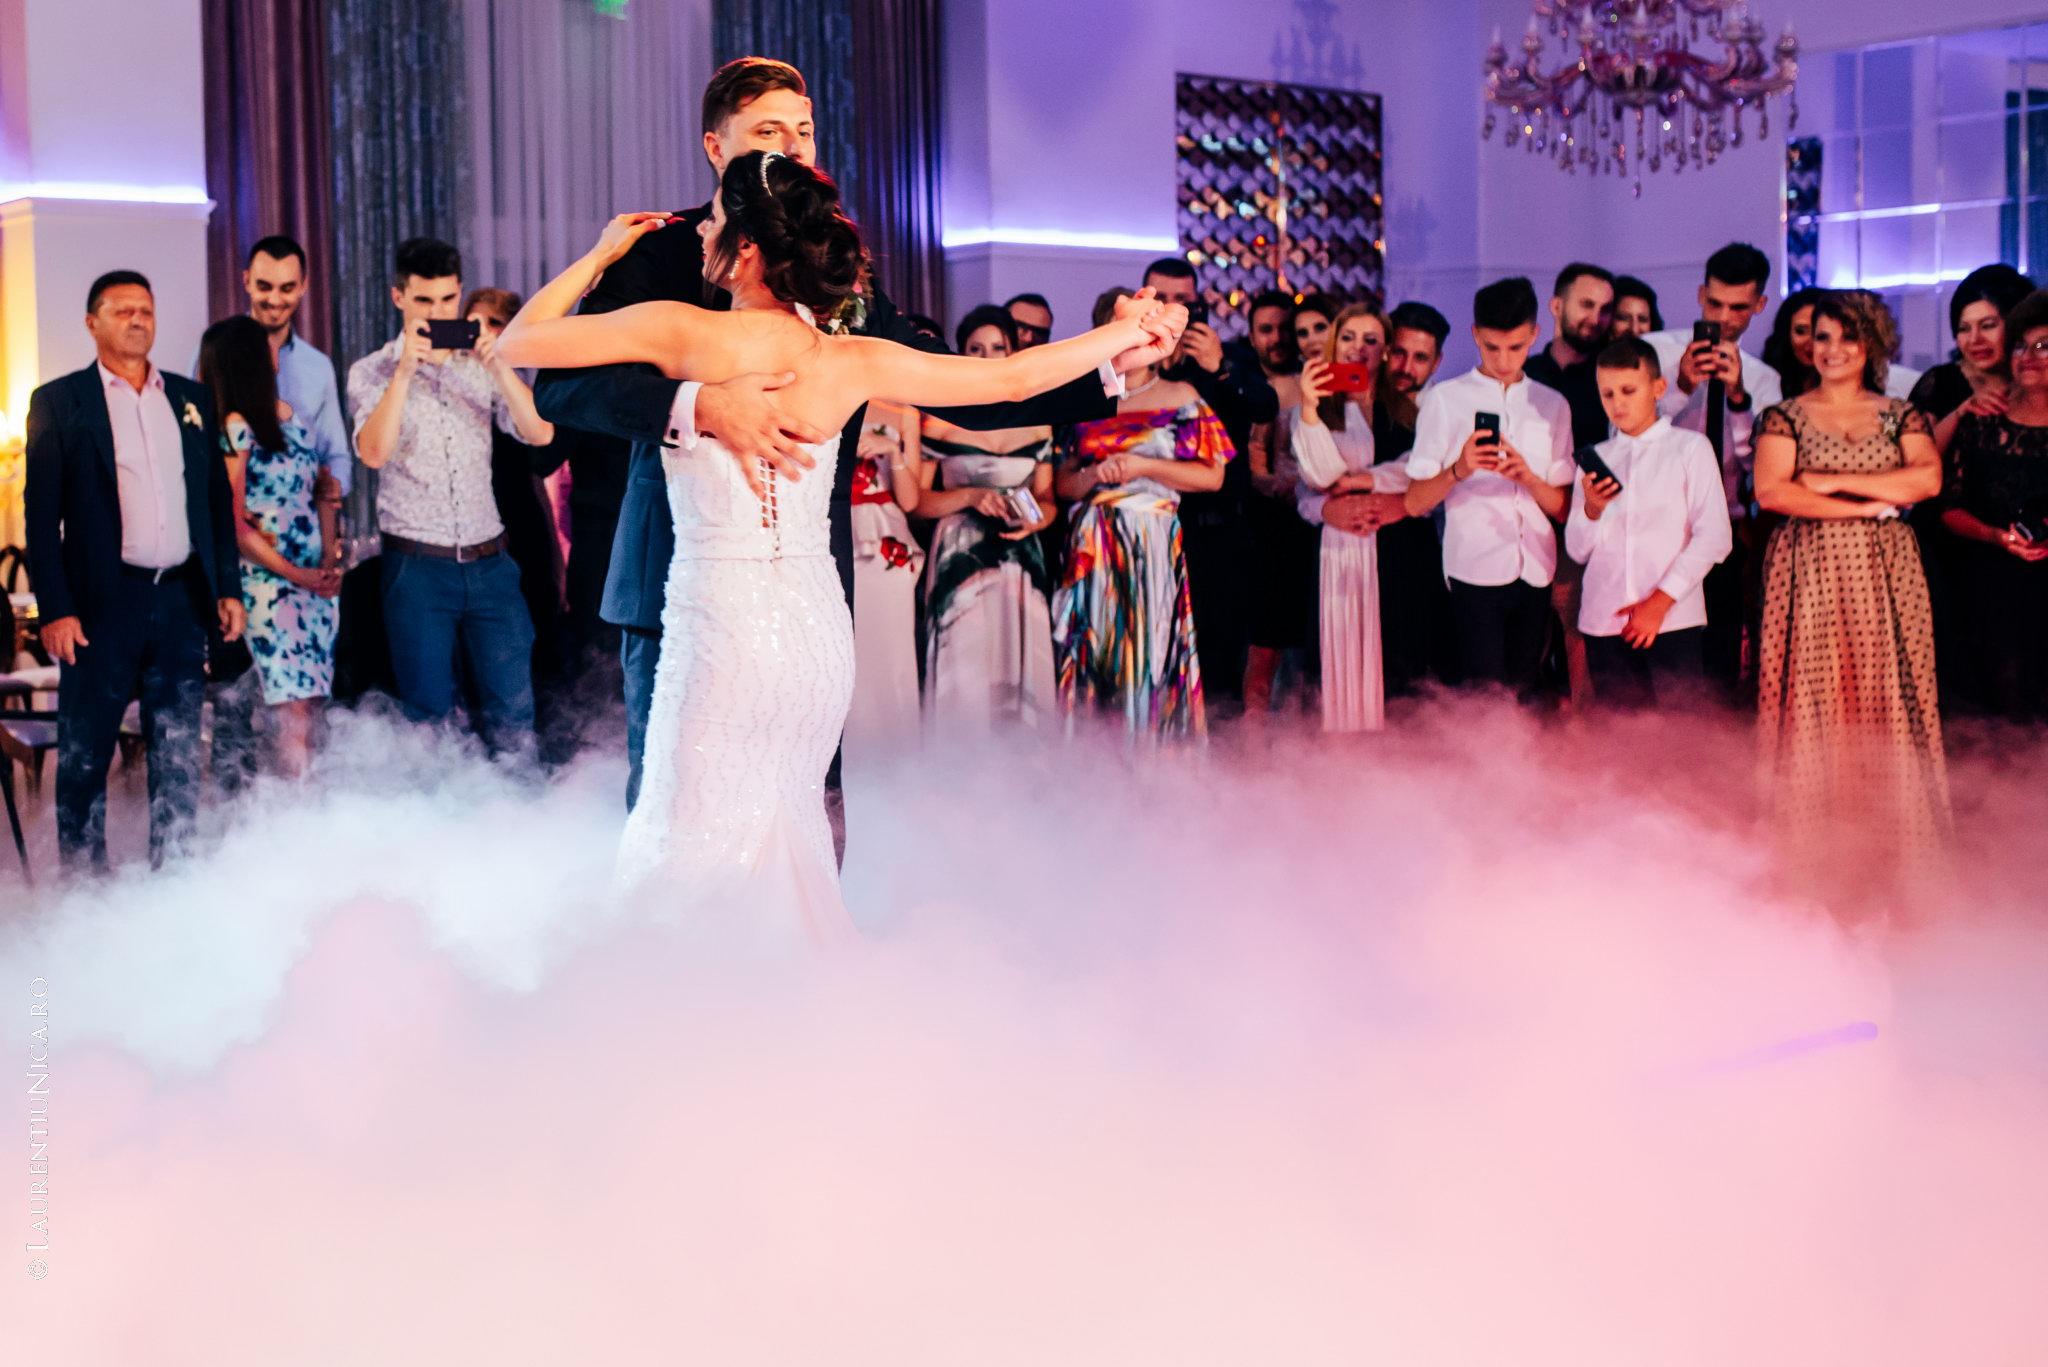 fotografii nunta denisa si florin craiova 37 - Denisa & Florin | Fotografii nunta | Craiova